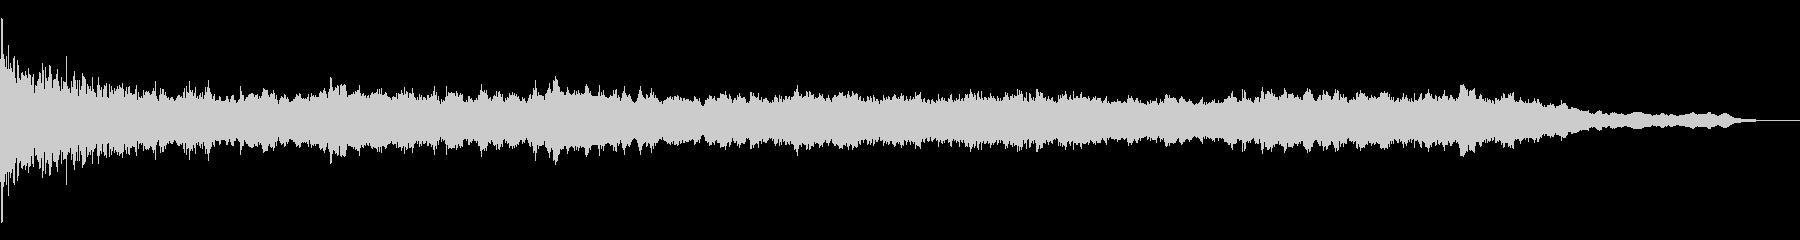 スペーストレックの未再生の波形